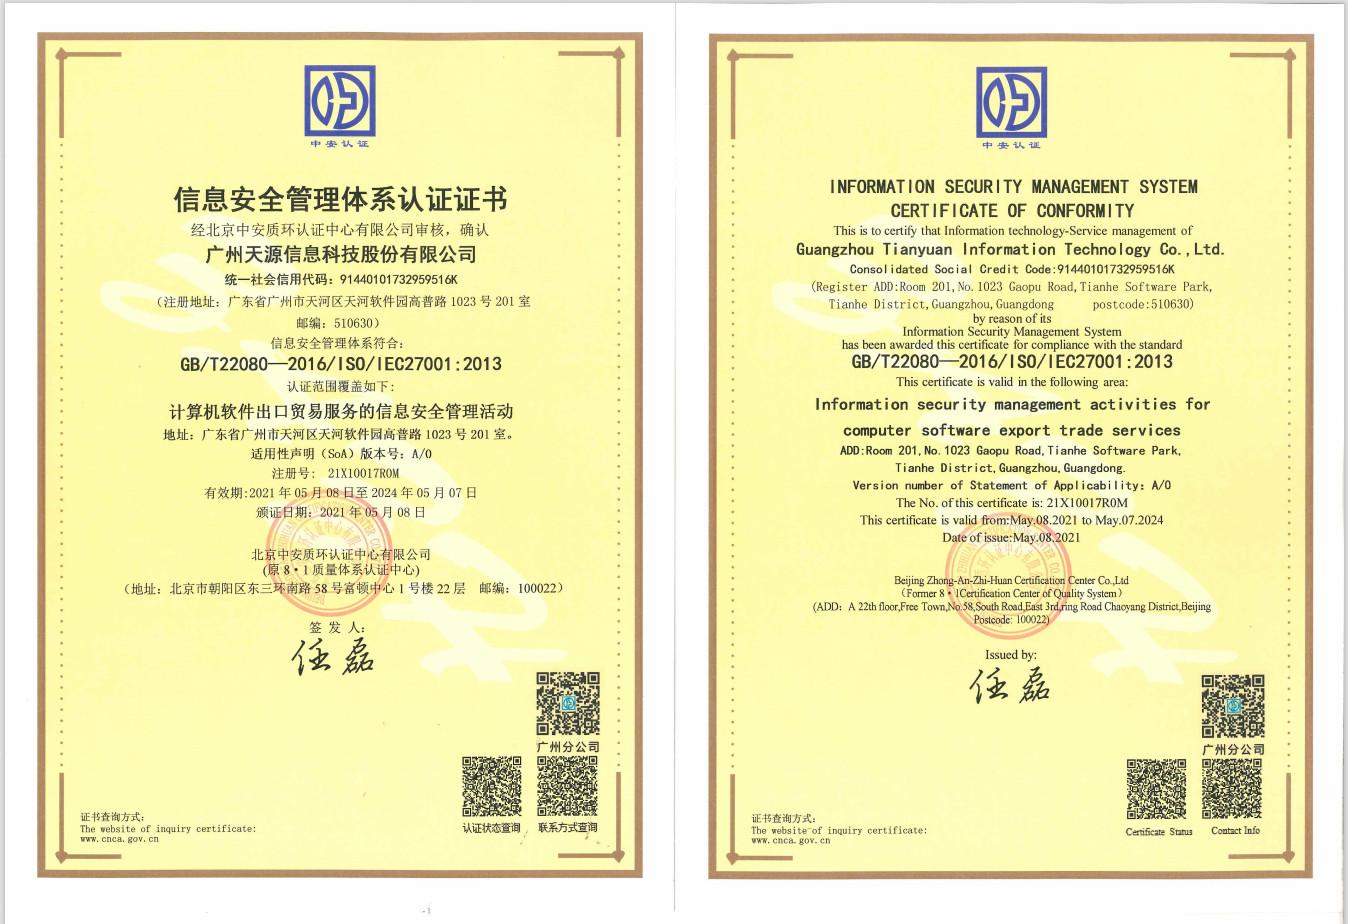 信息安全管理体系认证证书 天源210512 1 - 广州天源信息科技股份有限公司顺利通过ISO27001认证 |天源股份 – 产业互联网推动者!